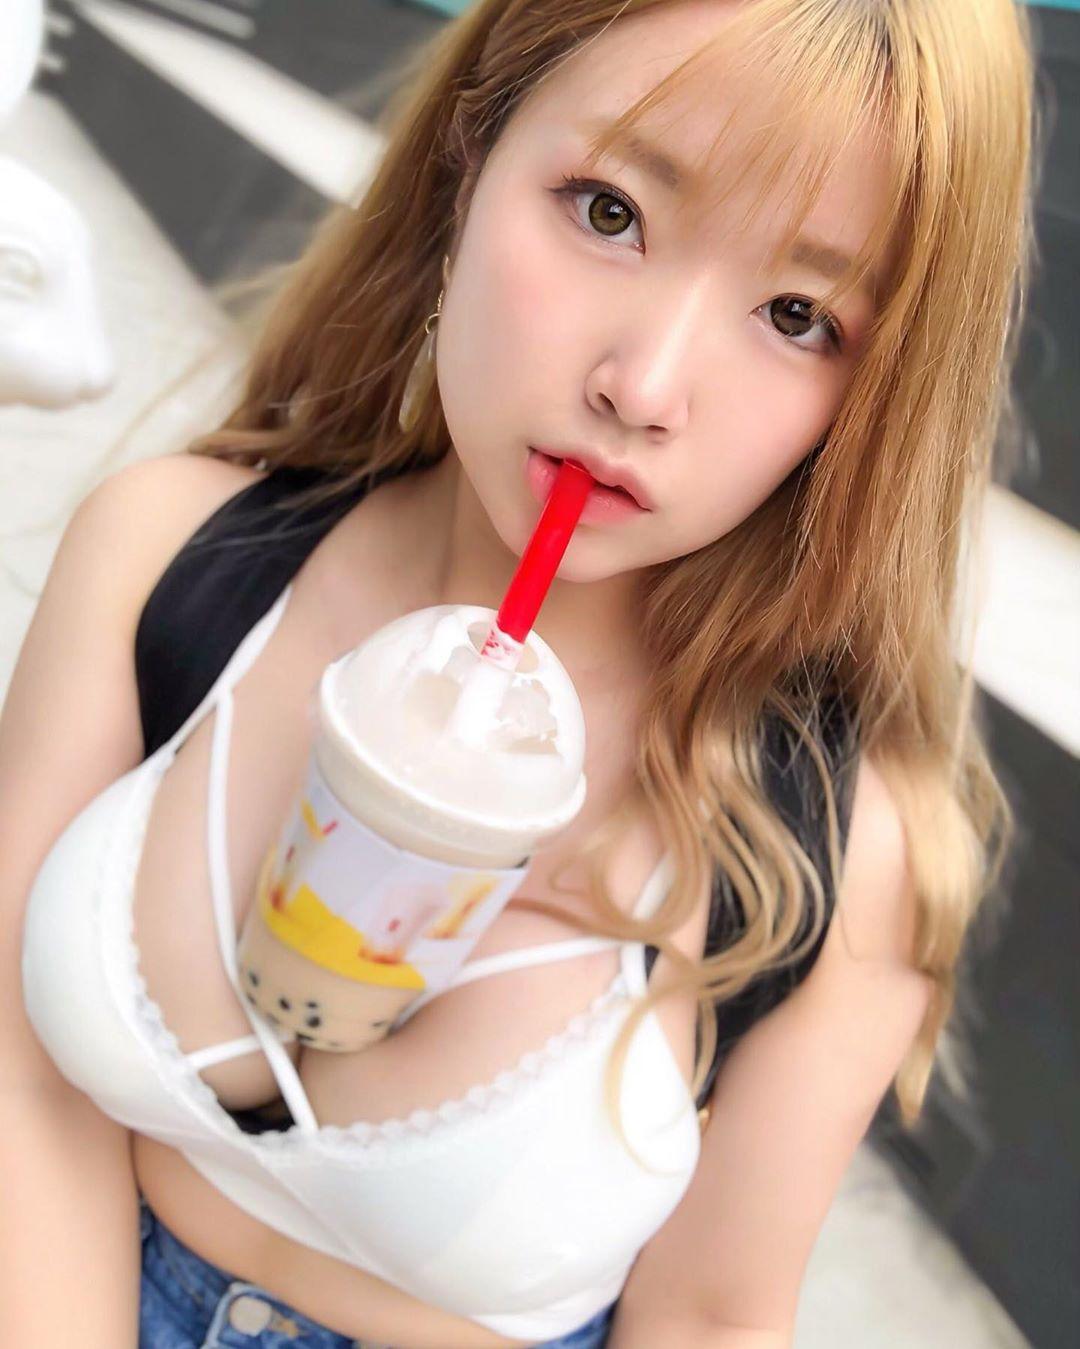 来自日本的潮流:「放开双手」喝珍珠奶茶